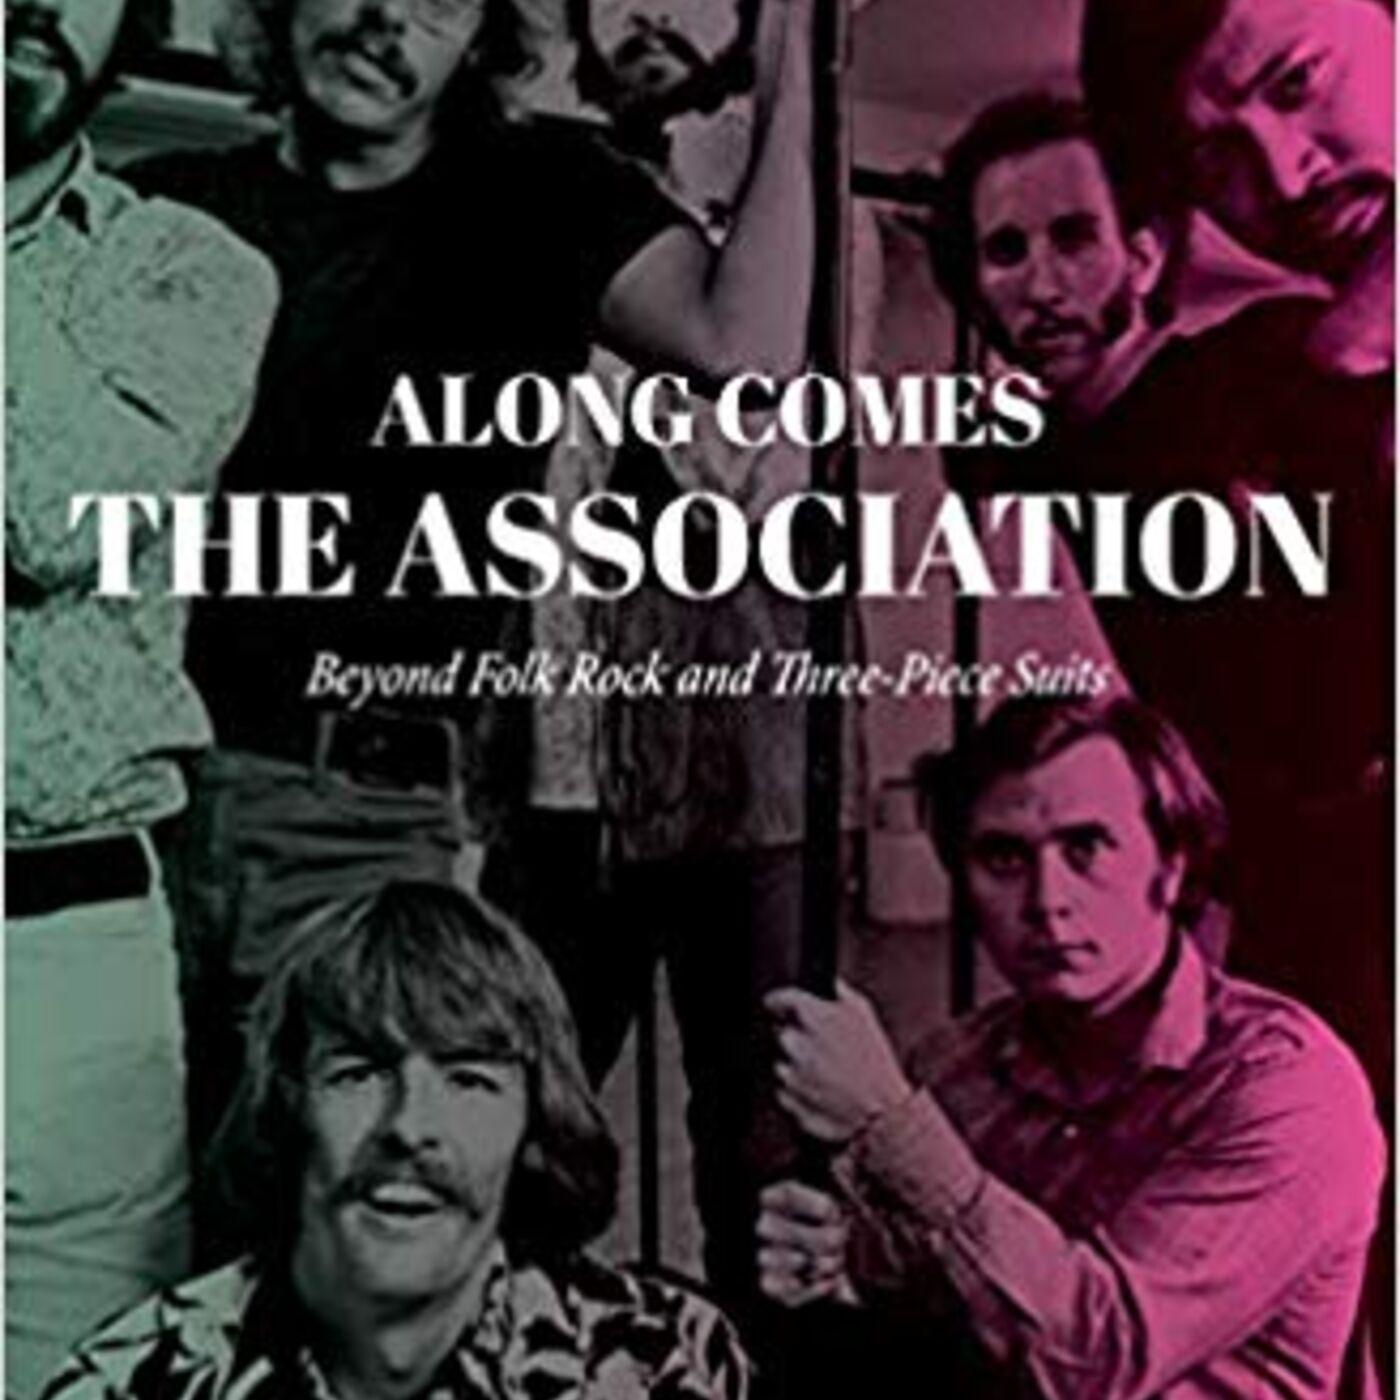 EPISODE #38: THE ASSOCIATION's Russ Giguere